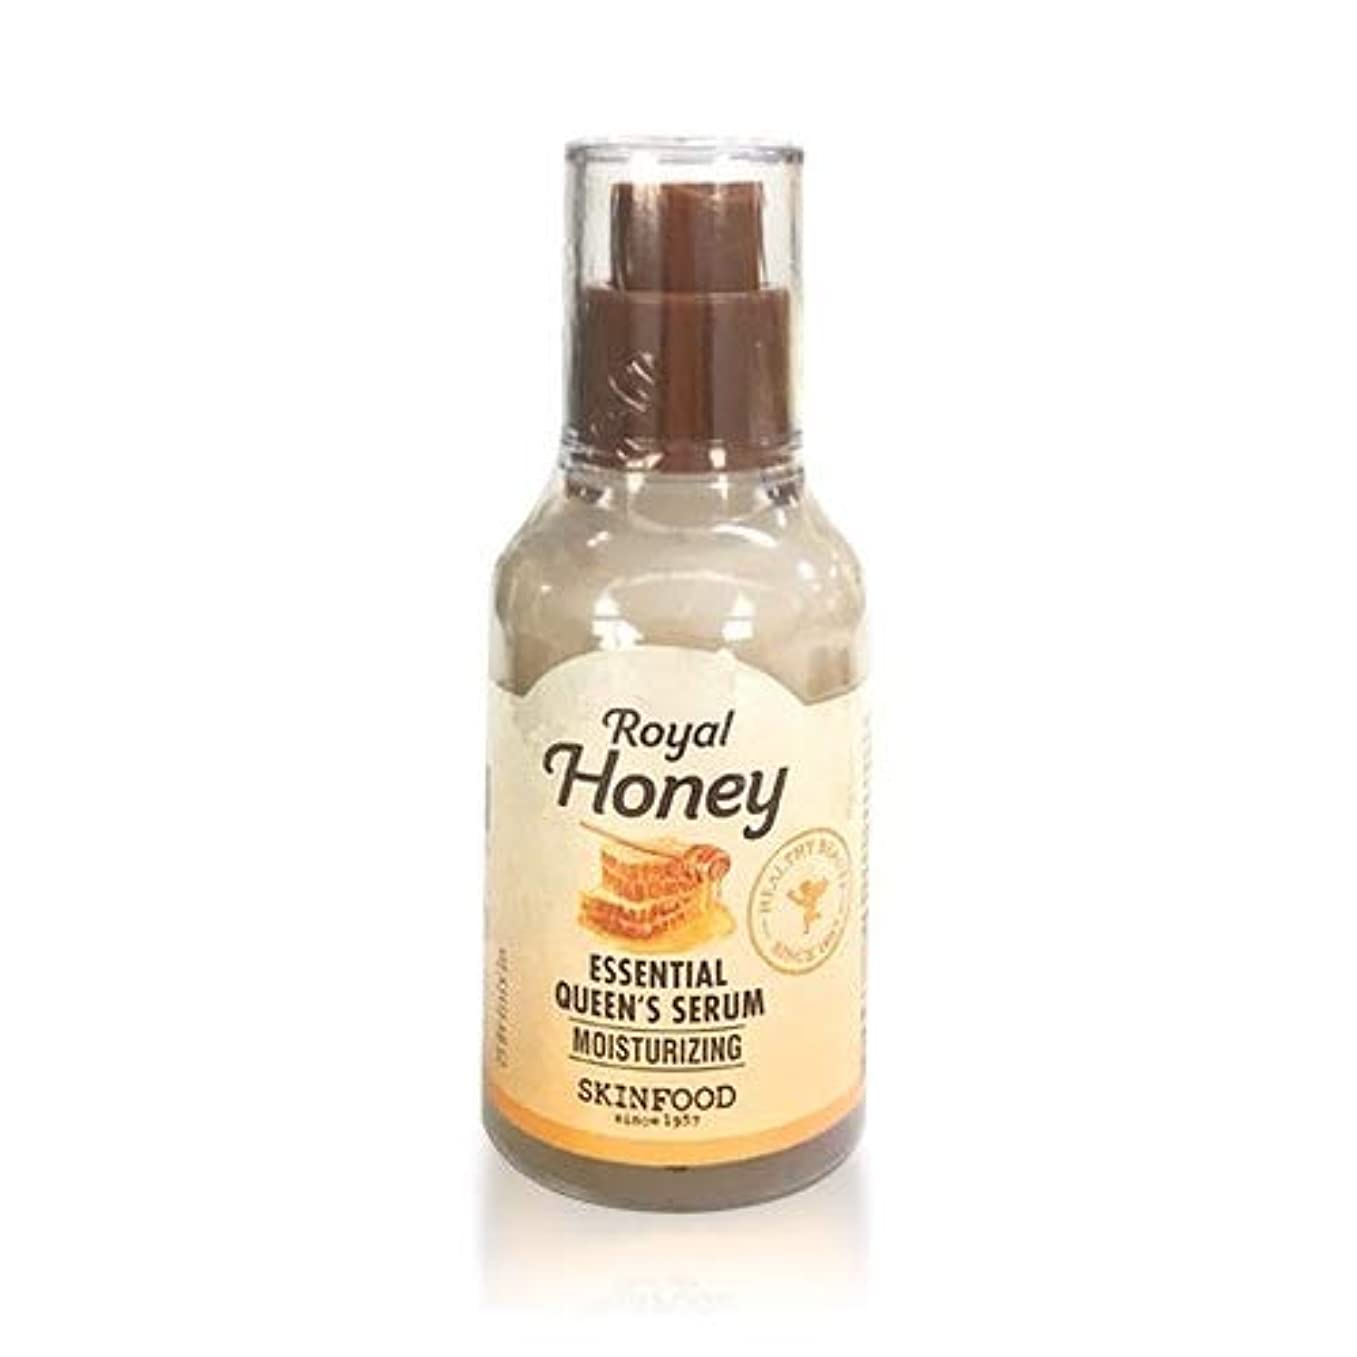 共産主義者入浴リビングルーム[リニューアル] スキンフード ロイヤルハニーエッセンシャル クィーンズセラム 美容液 50ml / SKINFOOD Royal Honey Essential Queen's Serum 50ml [並行輸入品]